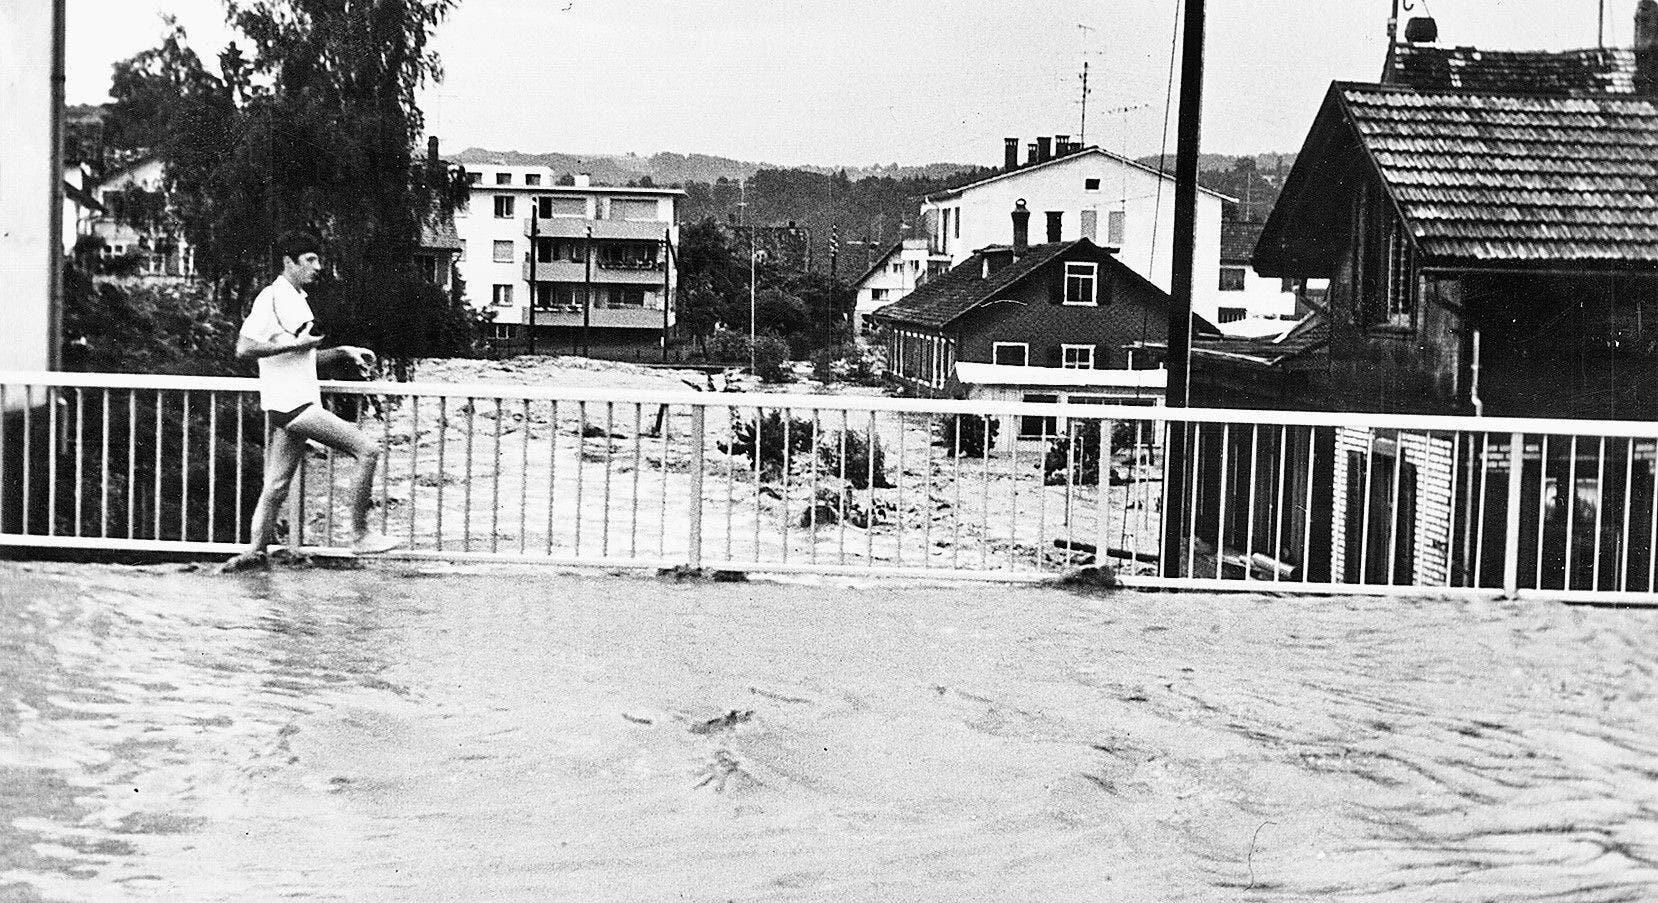 Die überflutete Brücke der Henauerstrasse. Von hier wälzte sich das Hochwasser durch das Siedlungsgebiet.